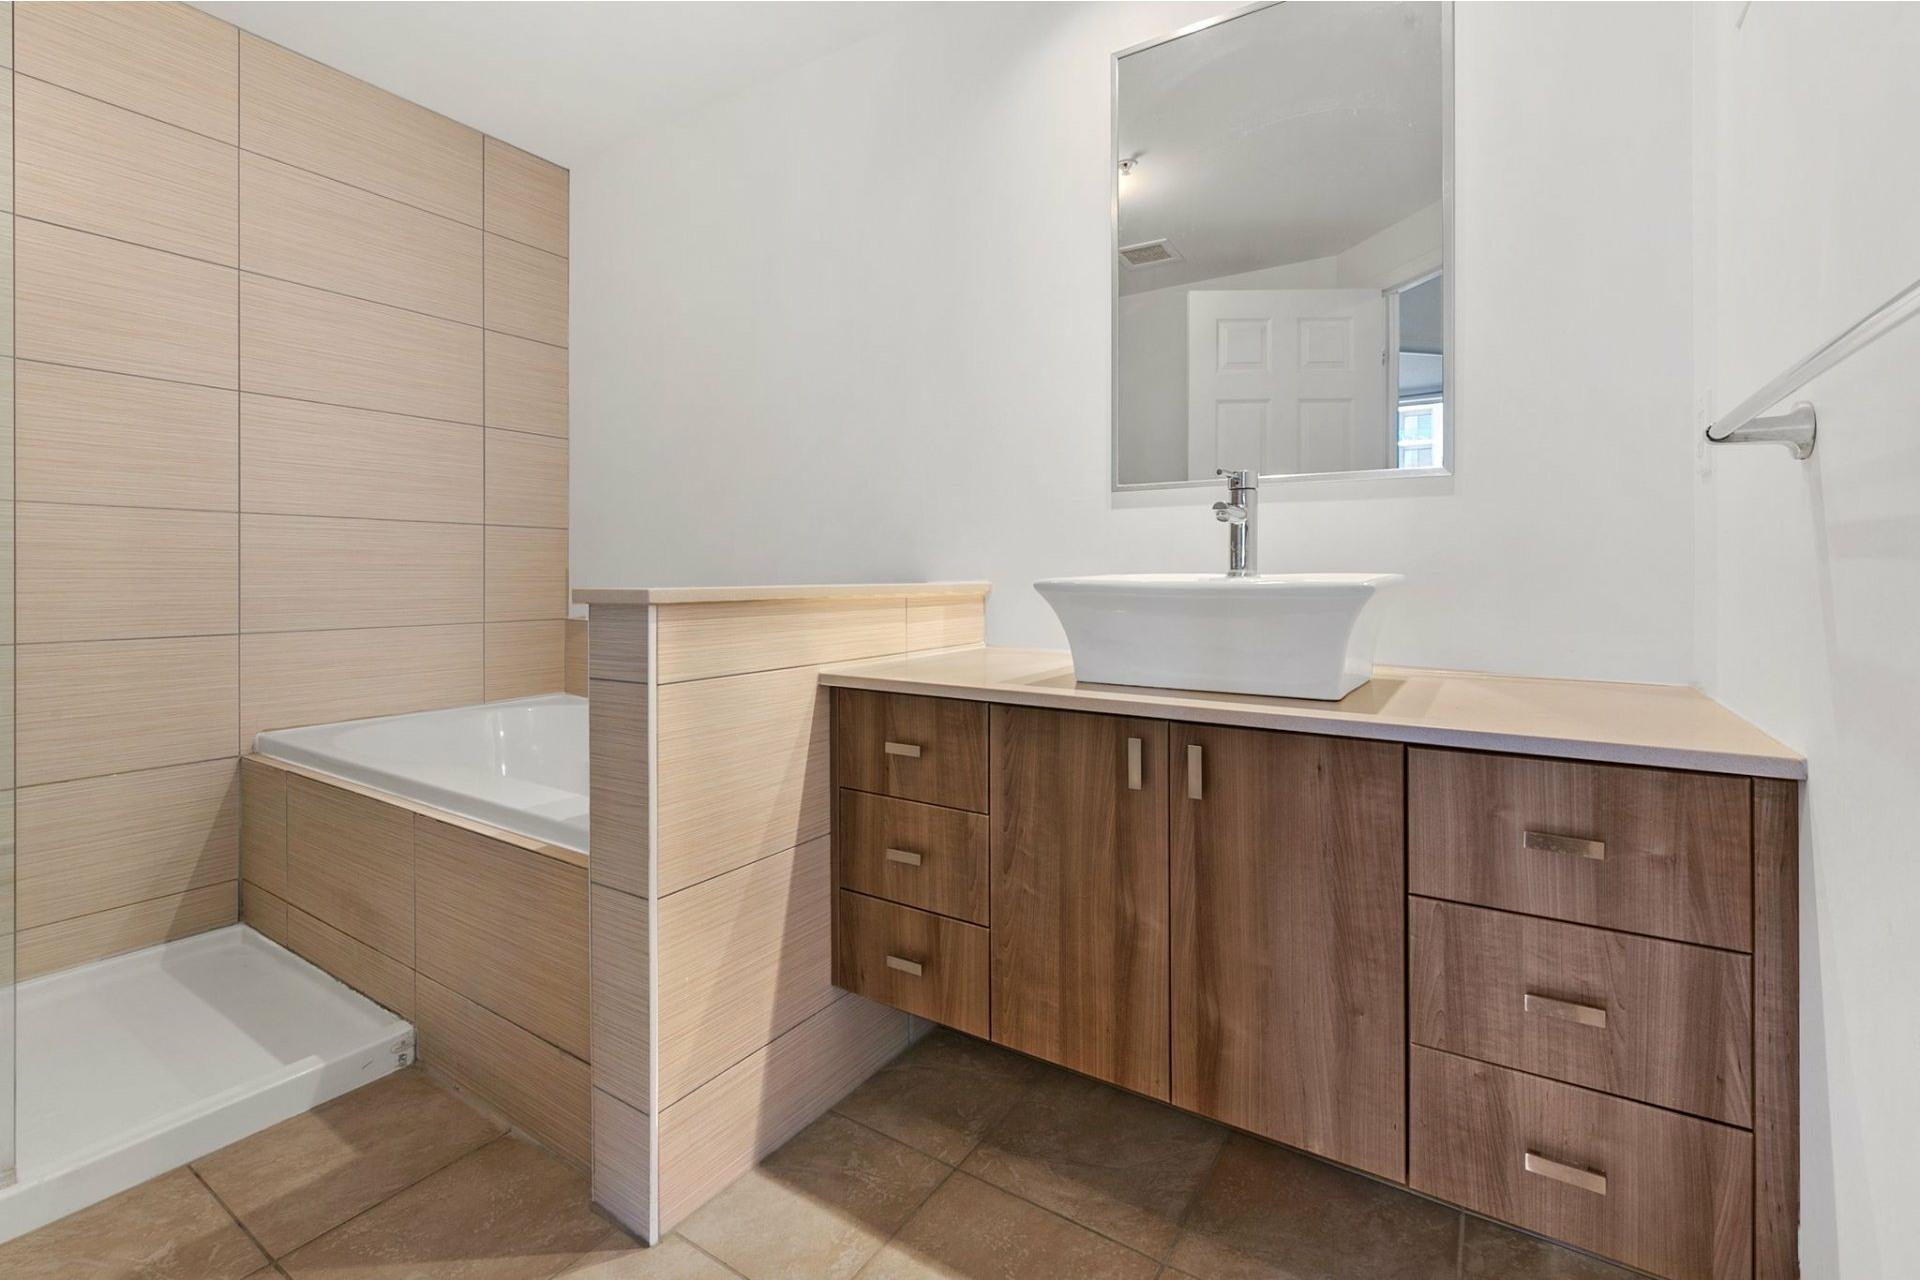 image 13 - Appartement À vendre Côte-des-Neiges/Notre-Dame-de-Grâce Montréal  - 6 pièces